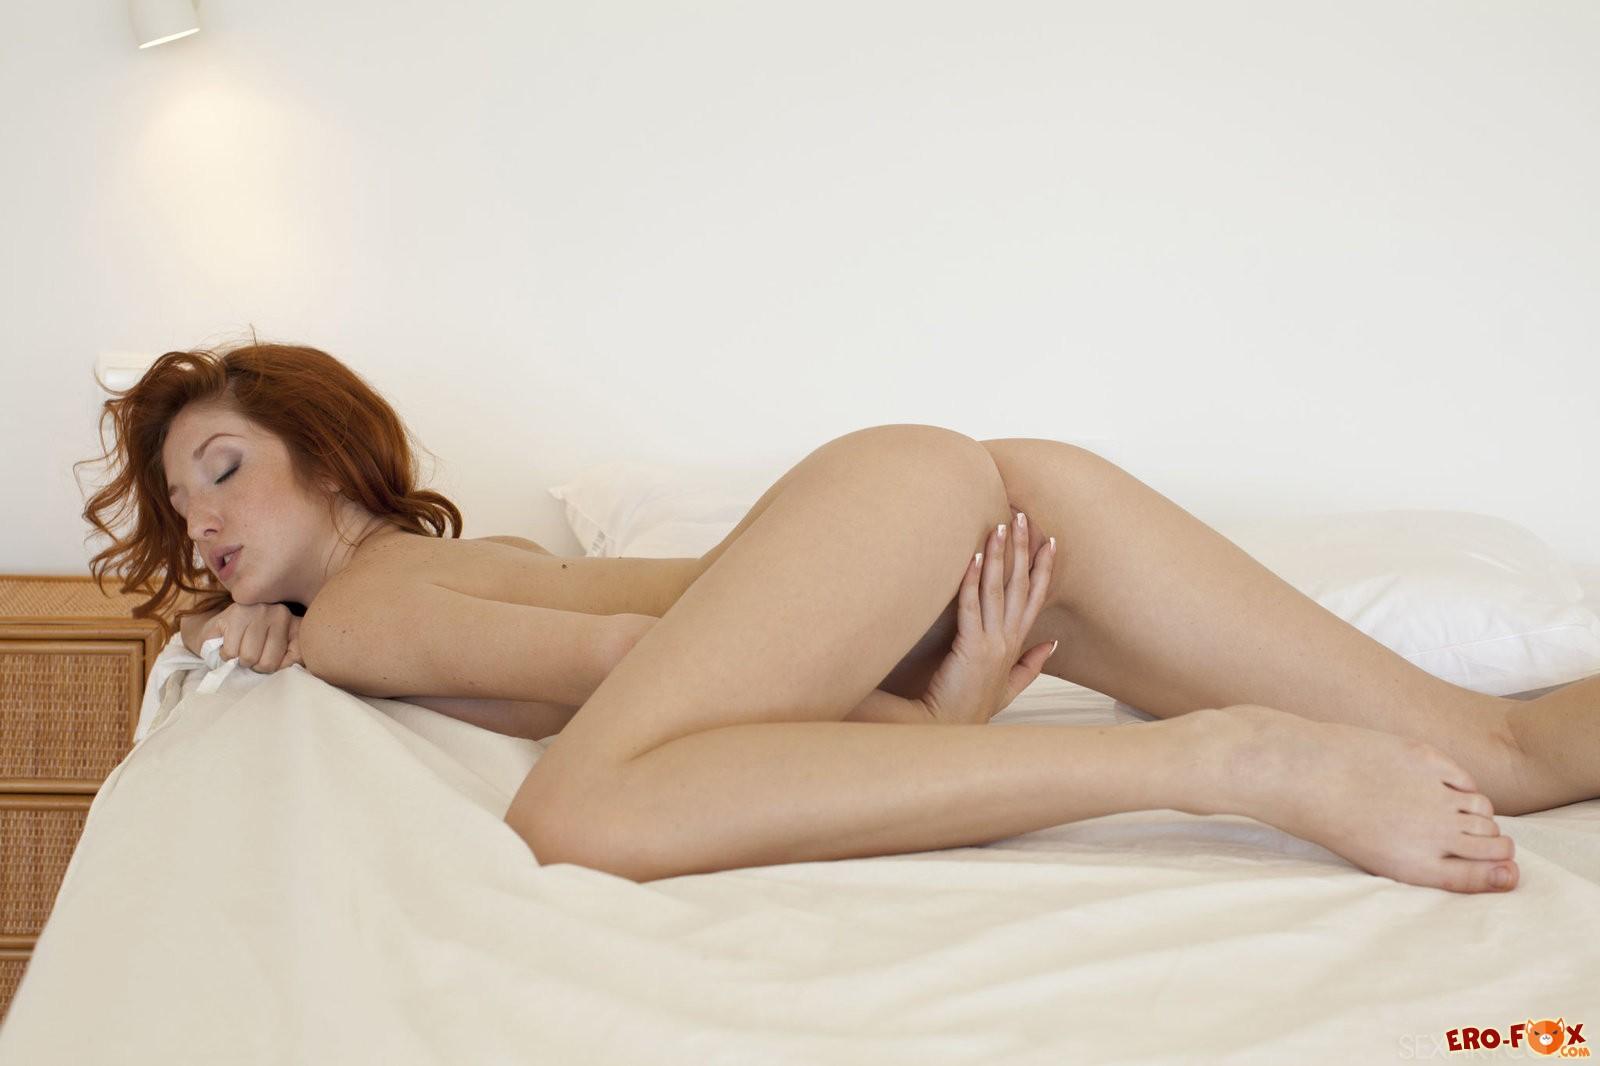 Рыжая бестия снимает трусики в постели